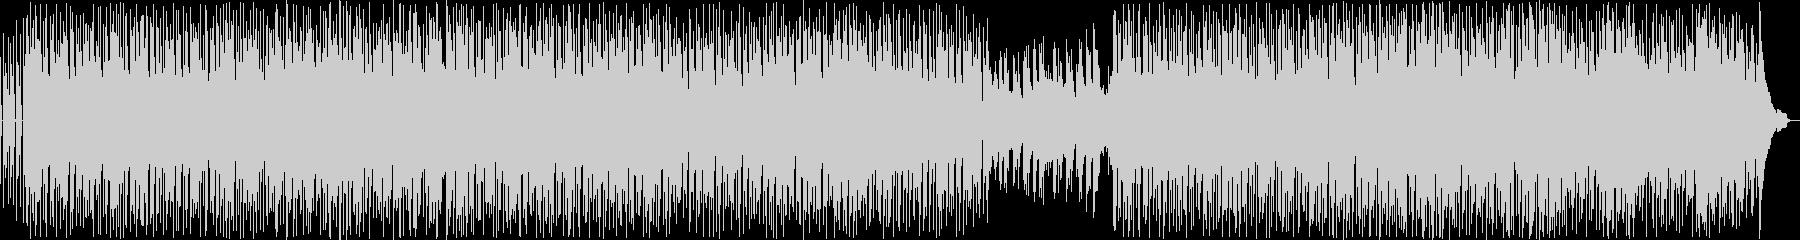 アコースティックギターアンサンブルの未再生の波形